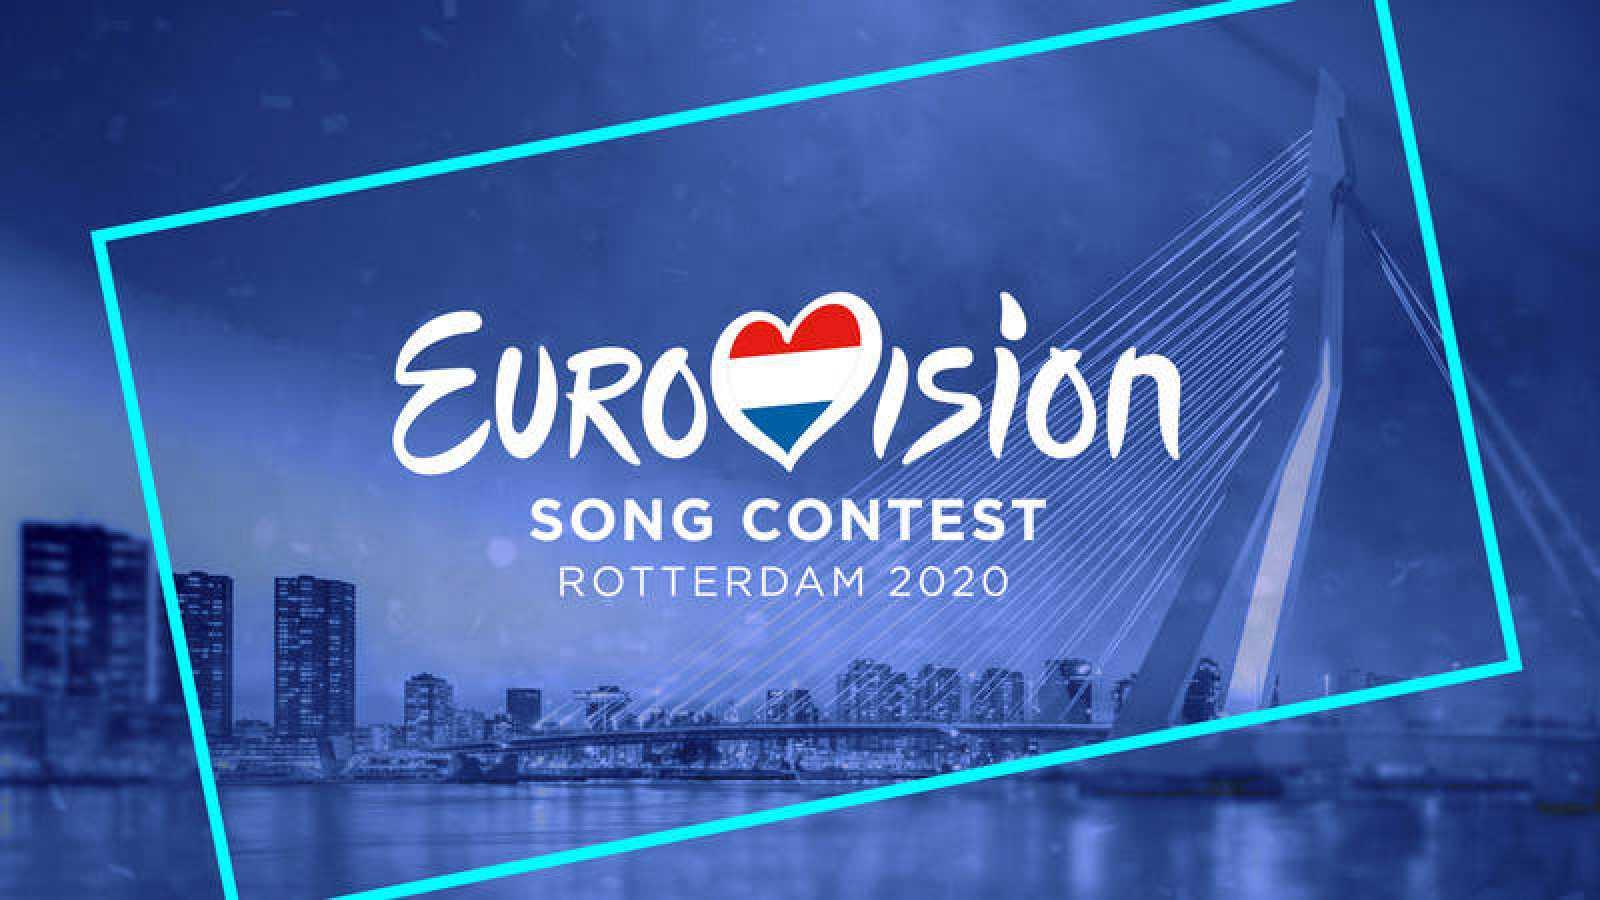 Róterdam será la sede de Eurovisión 2020